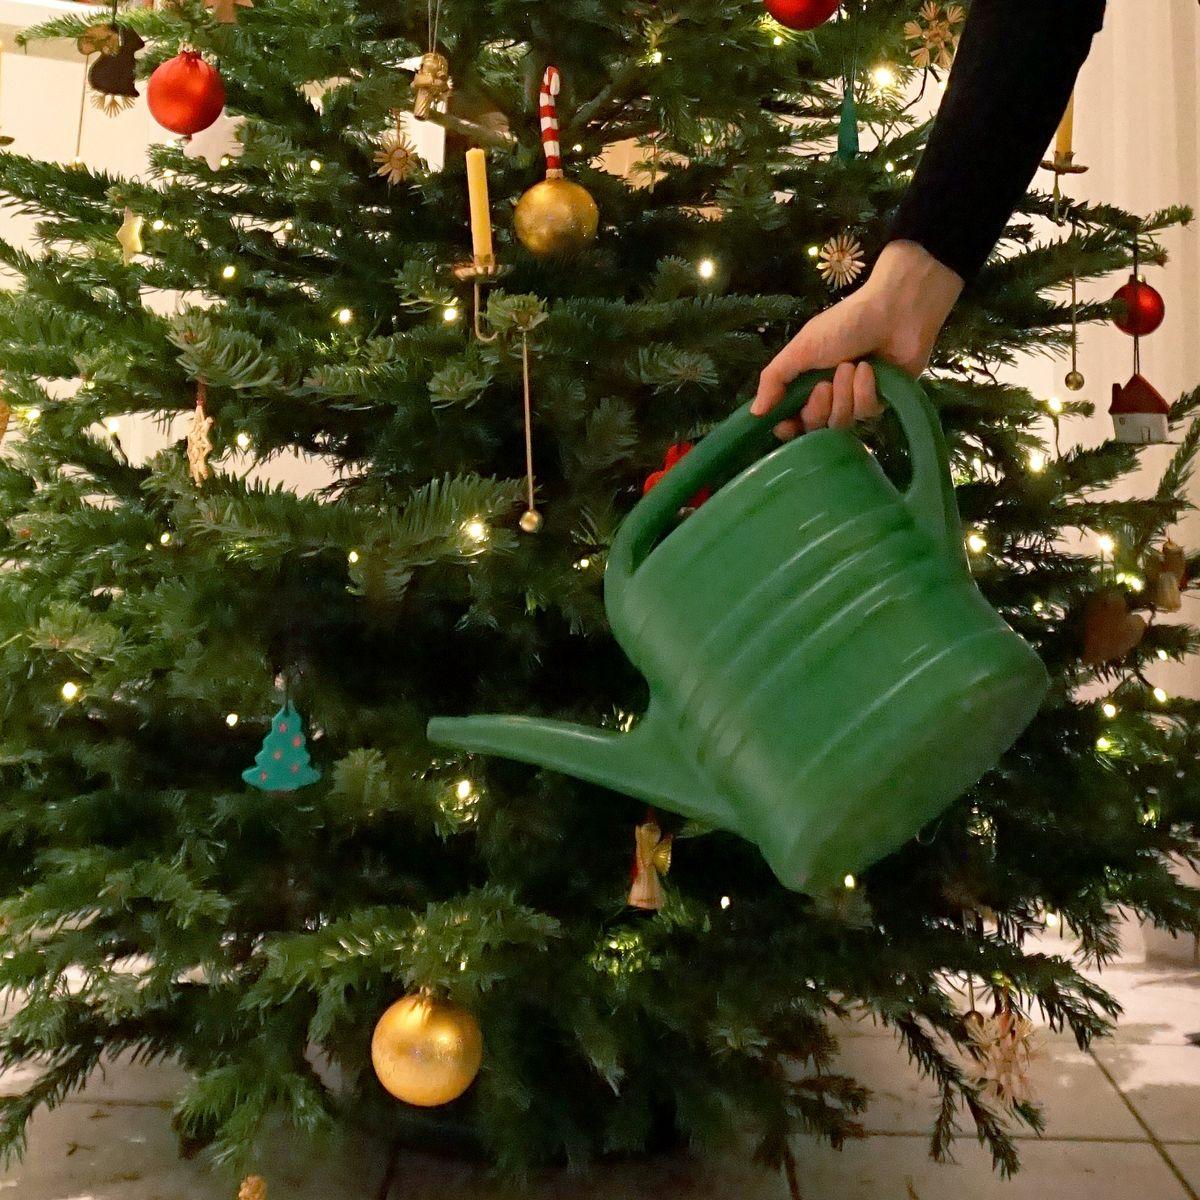 Bis Wann Bleibt Der Weihnachtsbaum Stehen.Tipps Damit Der Weihnachtsbaum Länger Frisch Bleibt Baumpflegeportal